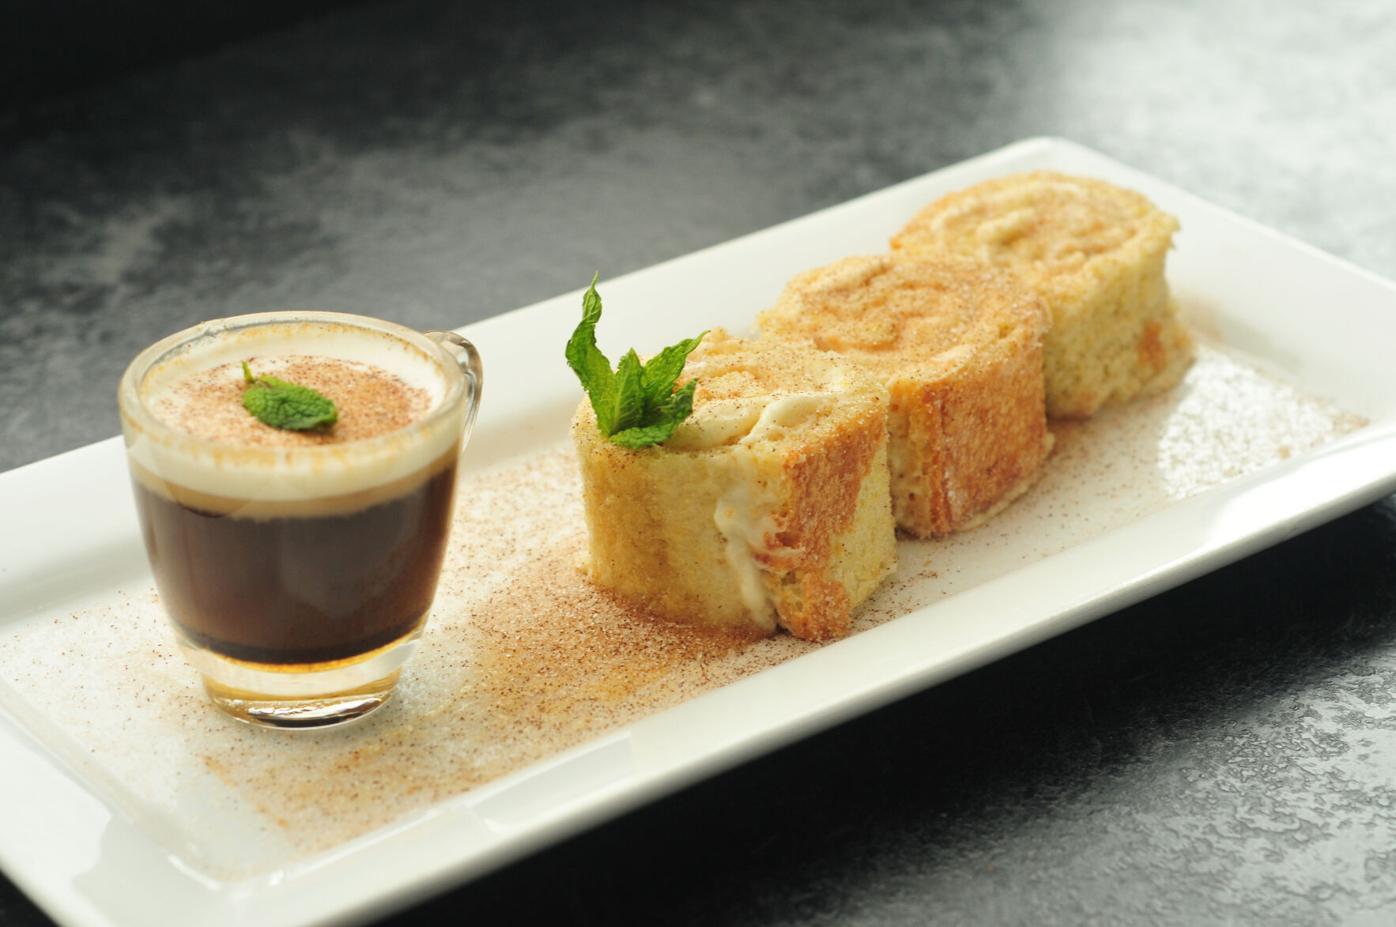 Apple Cider Cake with Espresso